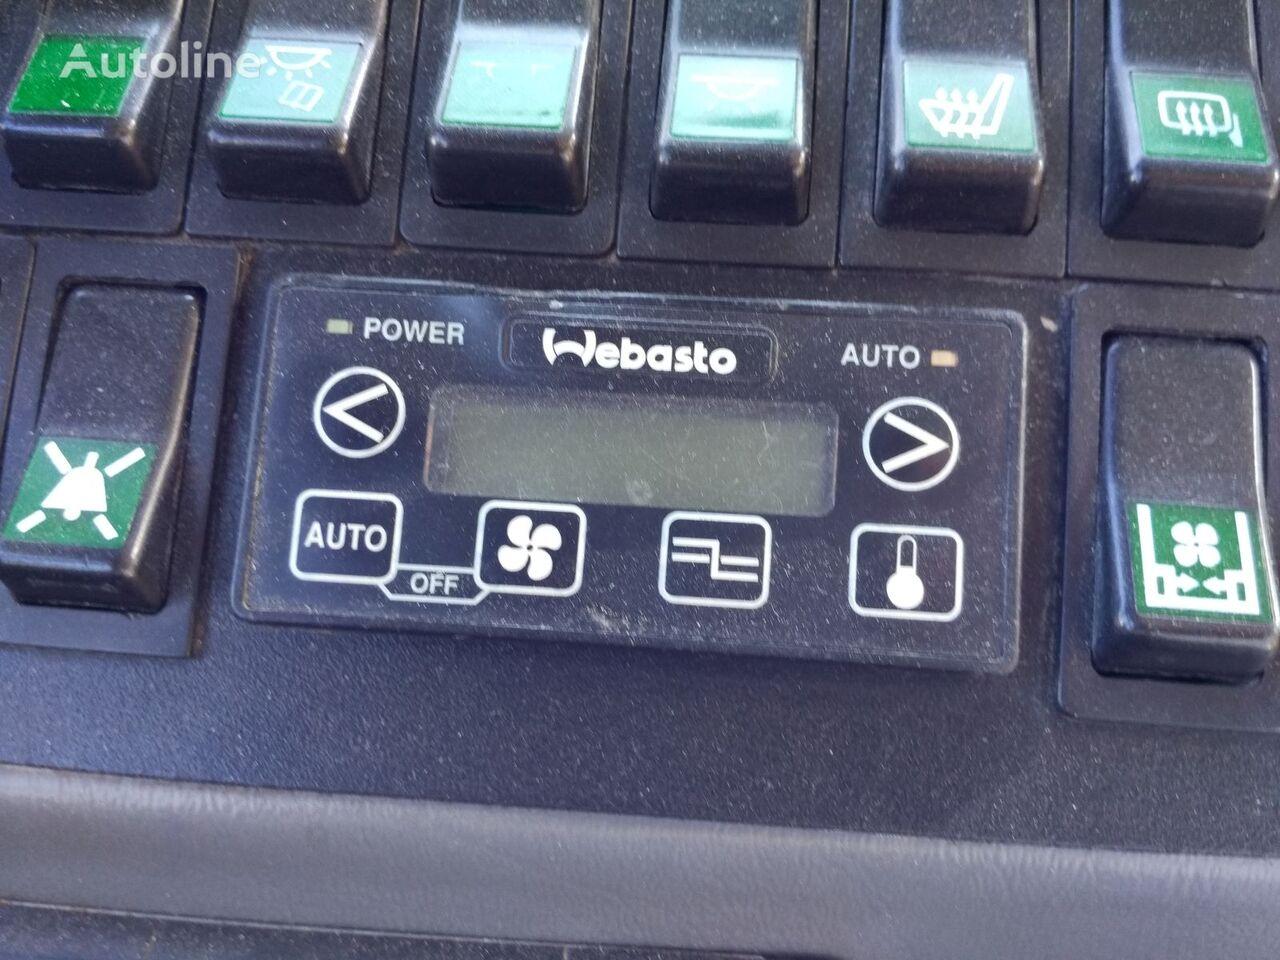 блок управления Webasto климат контролем для автобуса